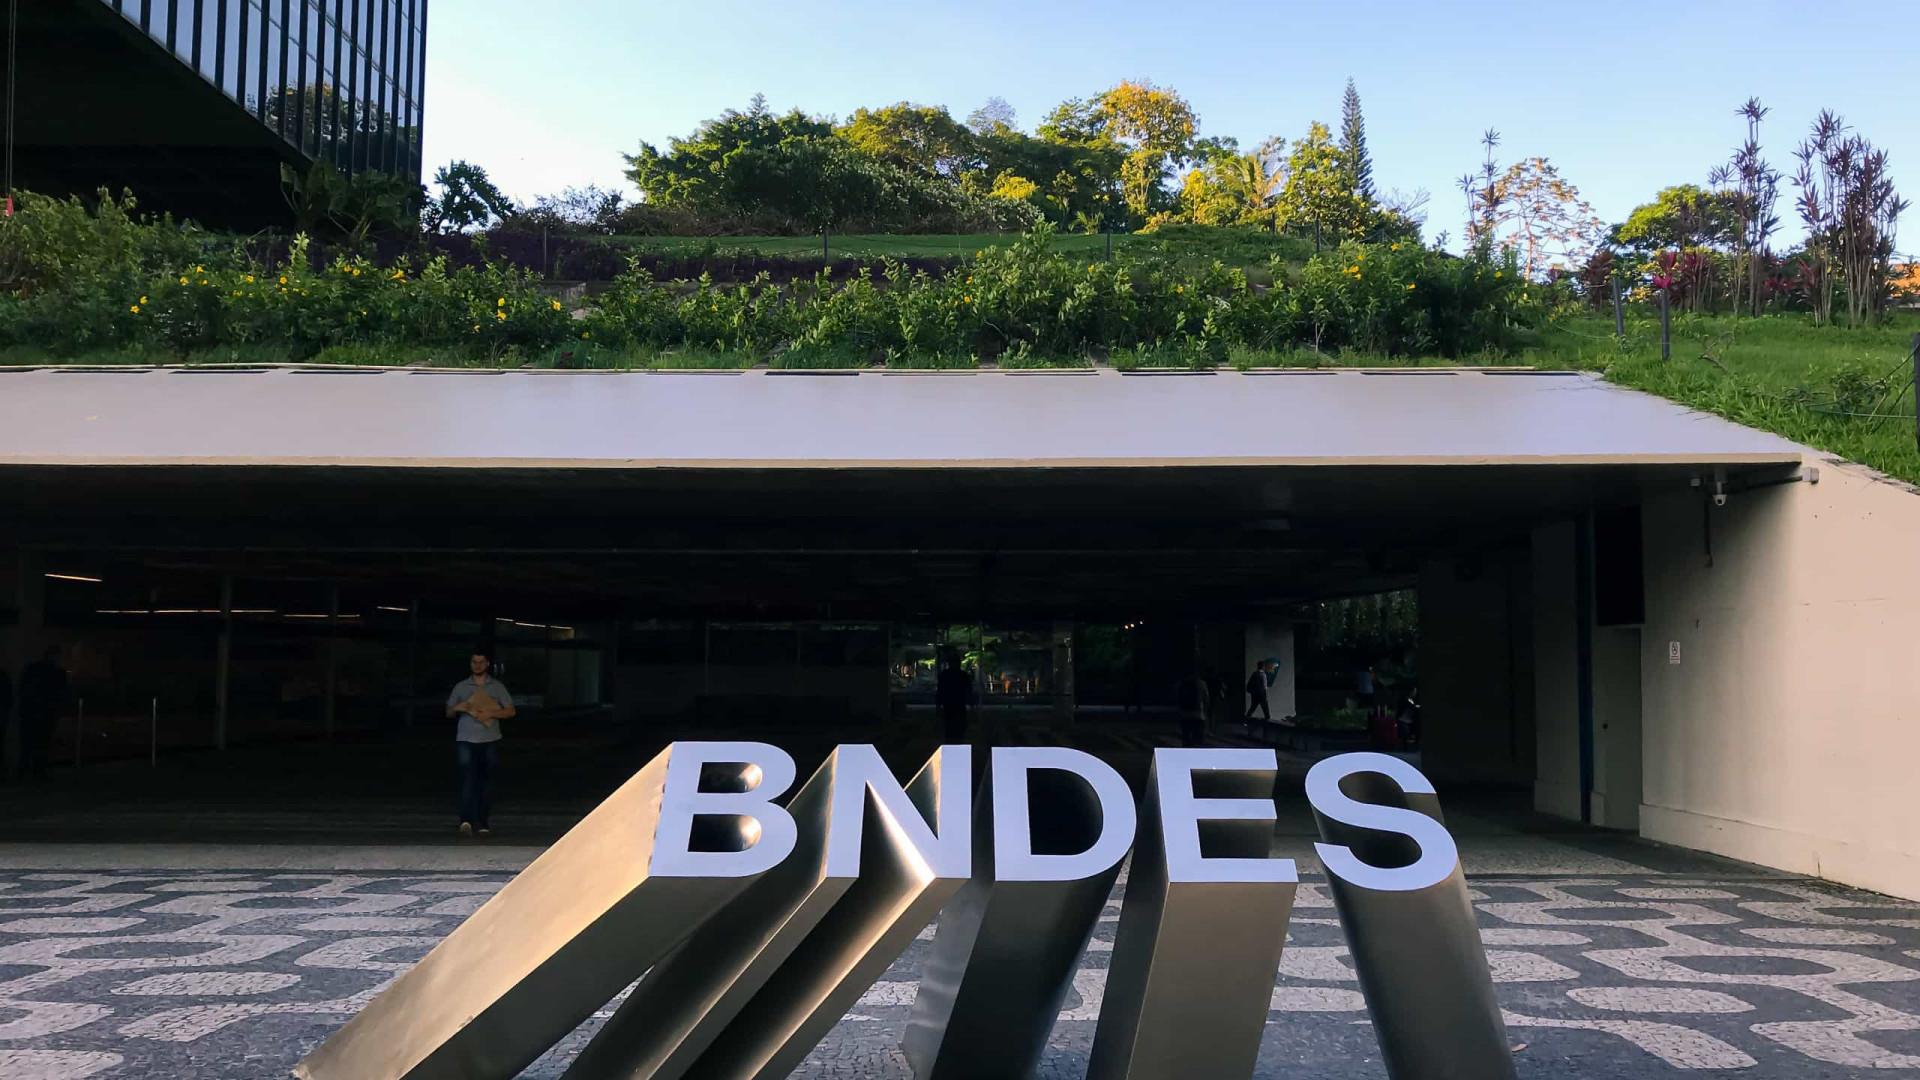 BNDES prepara concessão de parques nacionais até o fim de 2021